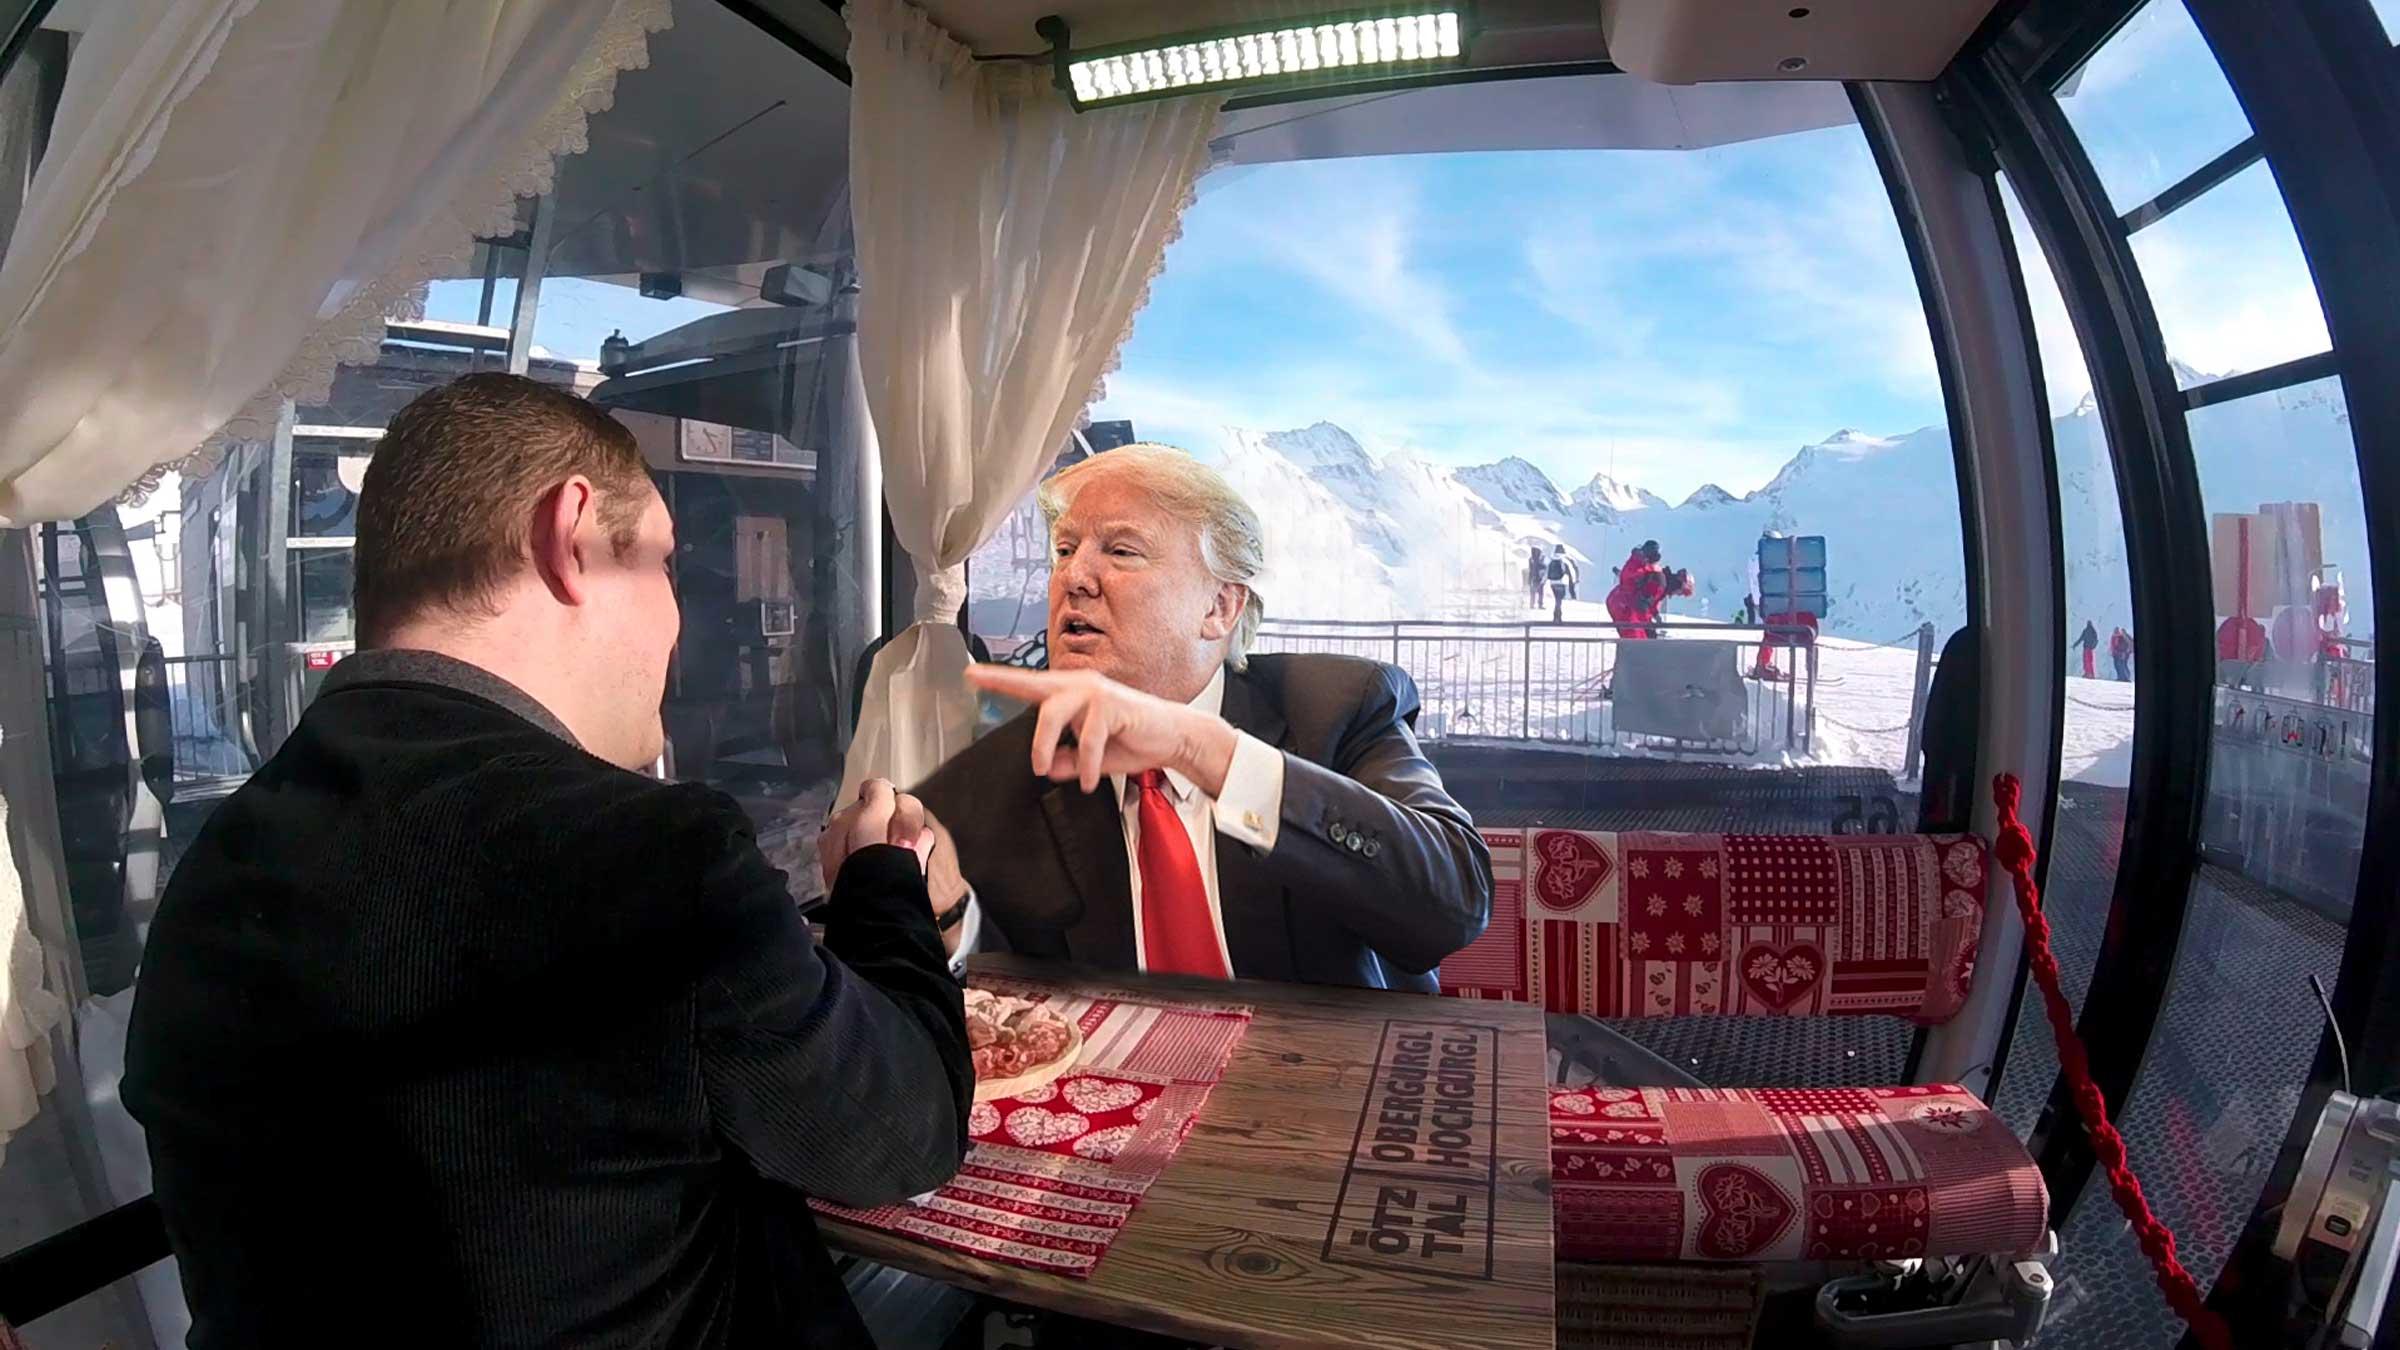 Vorschau: Donald Trump zu Gast in der Stammtischgondel in Obergurgl-Hochgurgl!